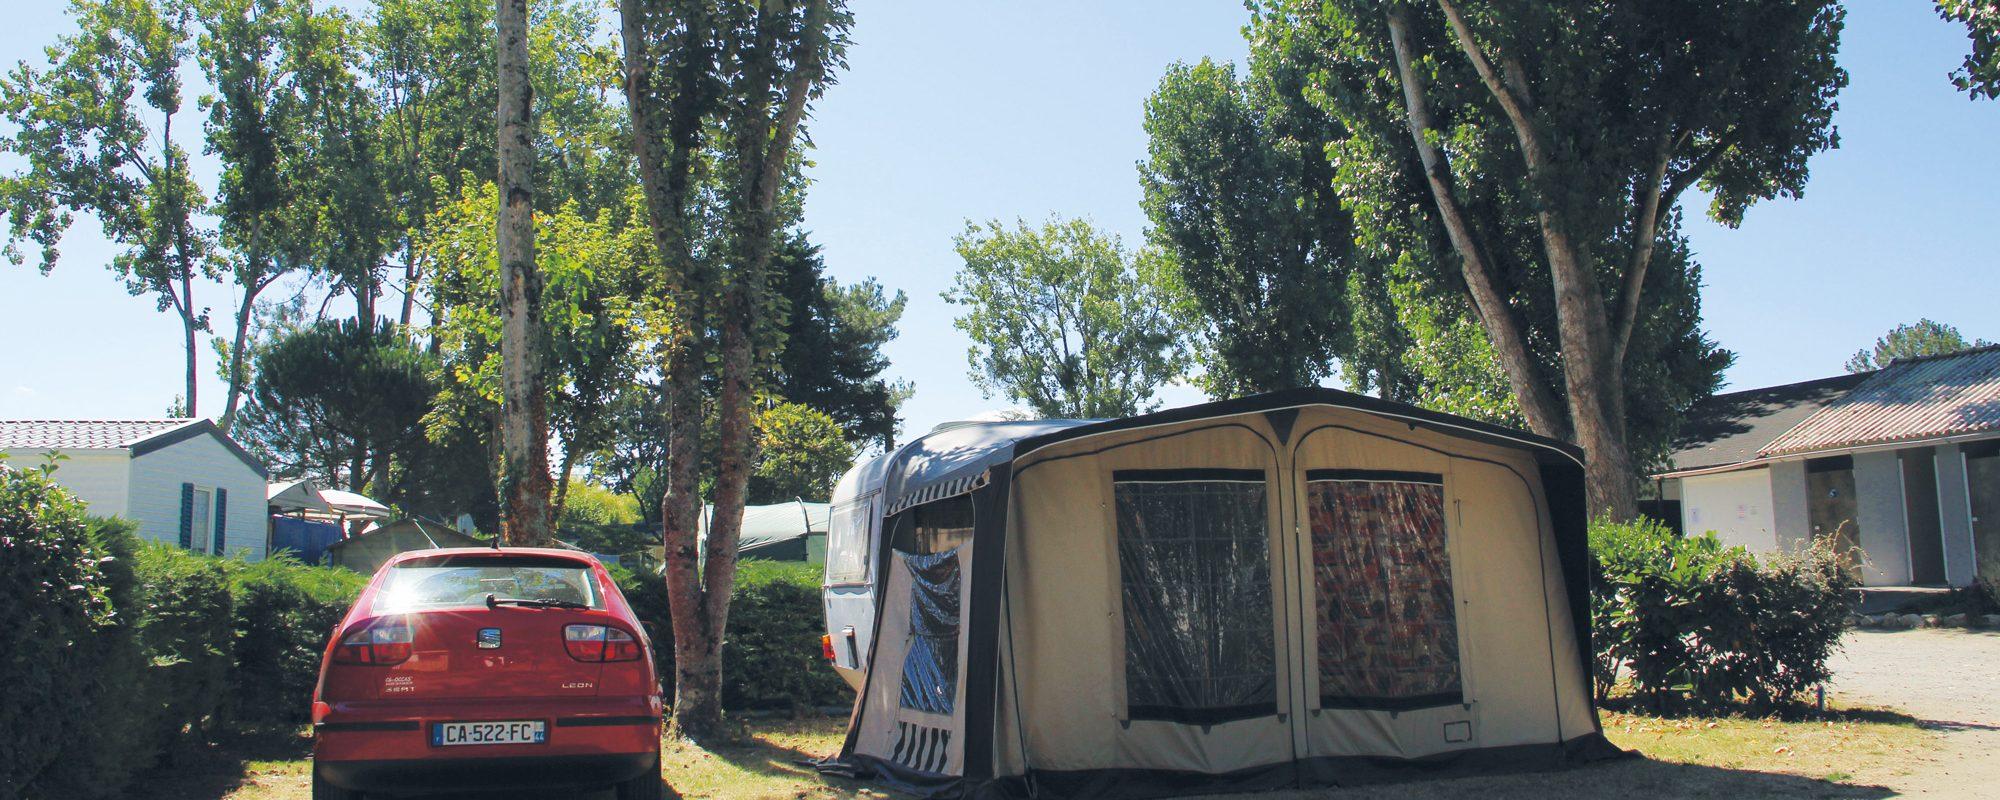 Location emplacement caravane Loire Atlantique